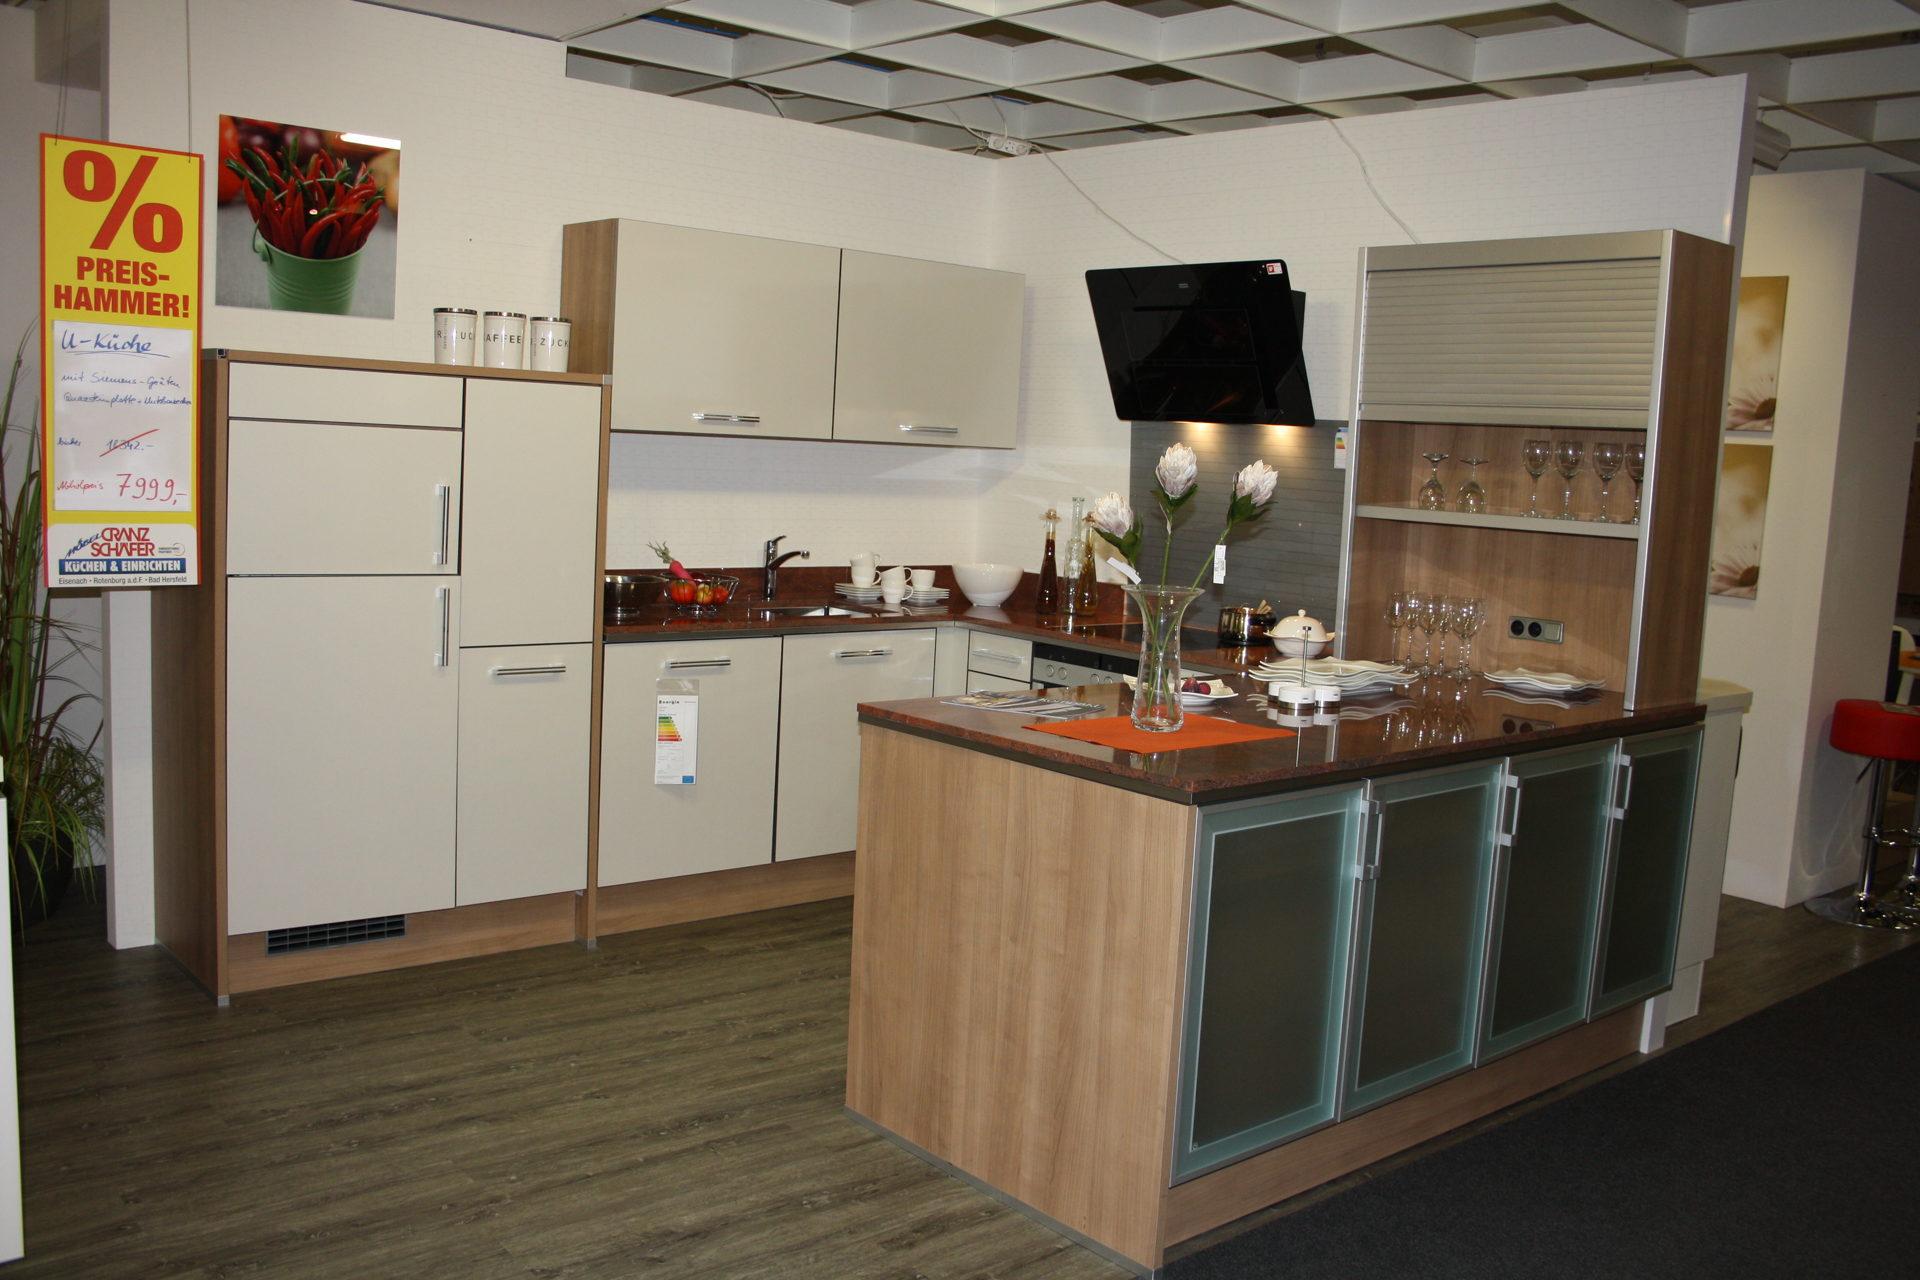 möbel cranz & schäfer eisenach | räume | küche | einbauküche